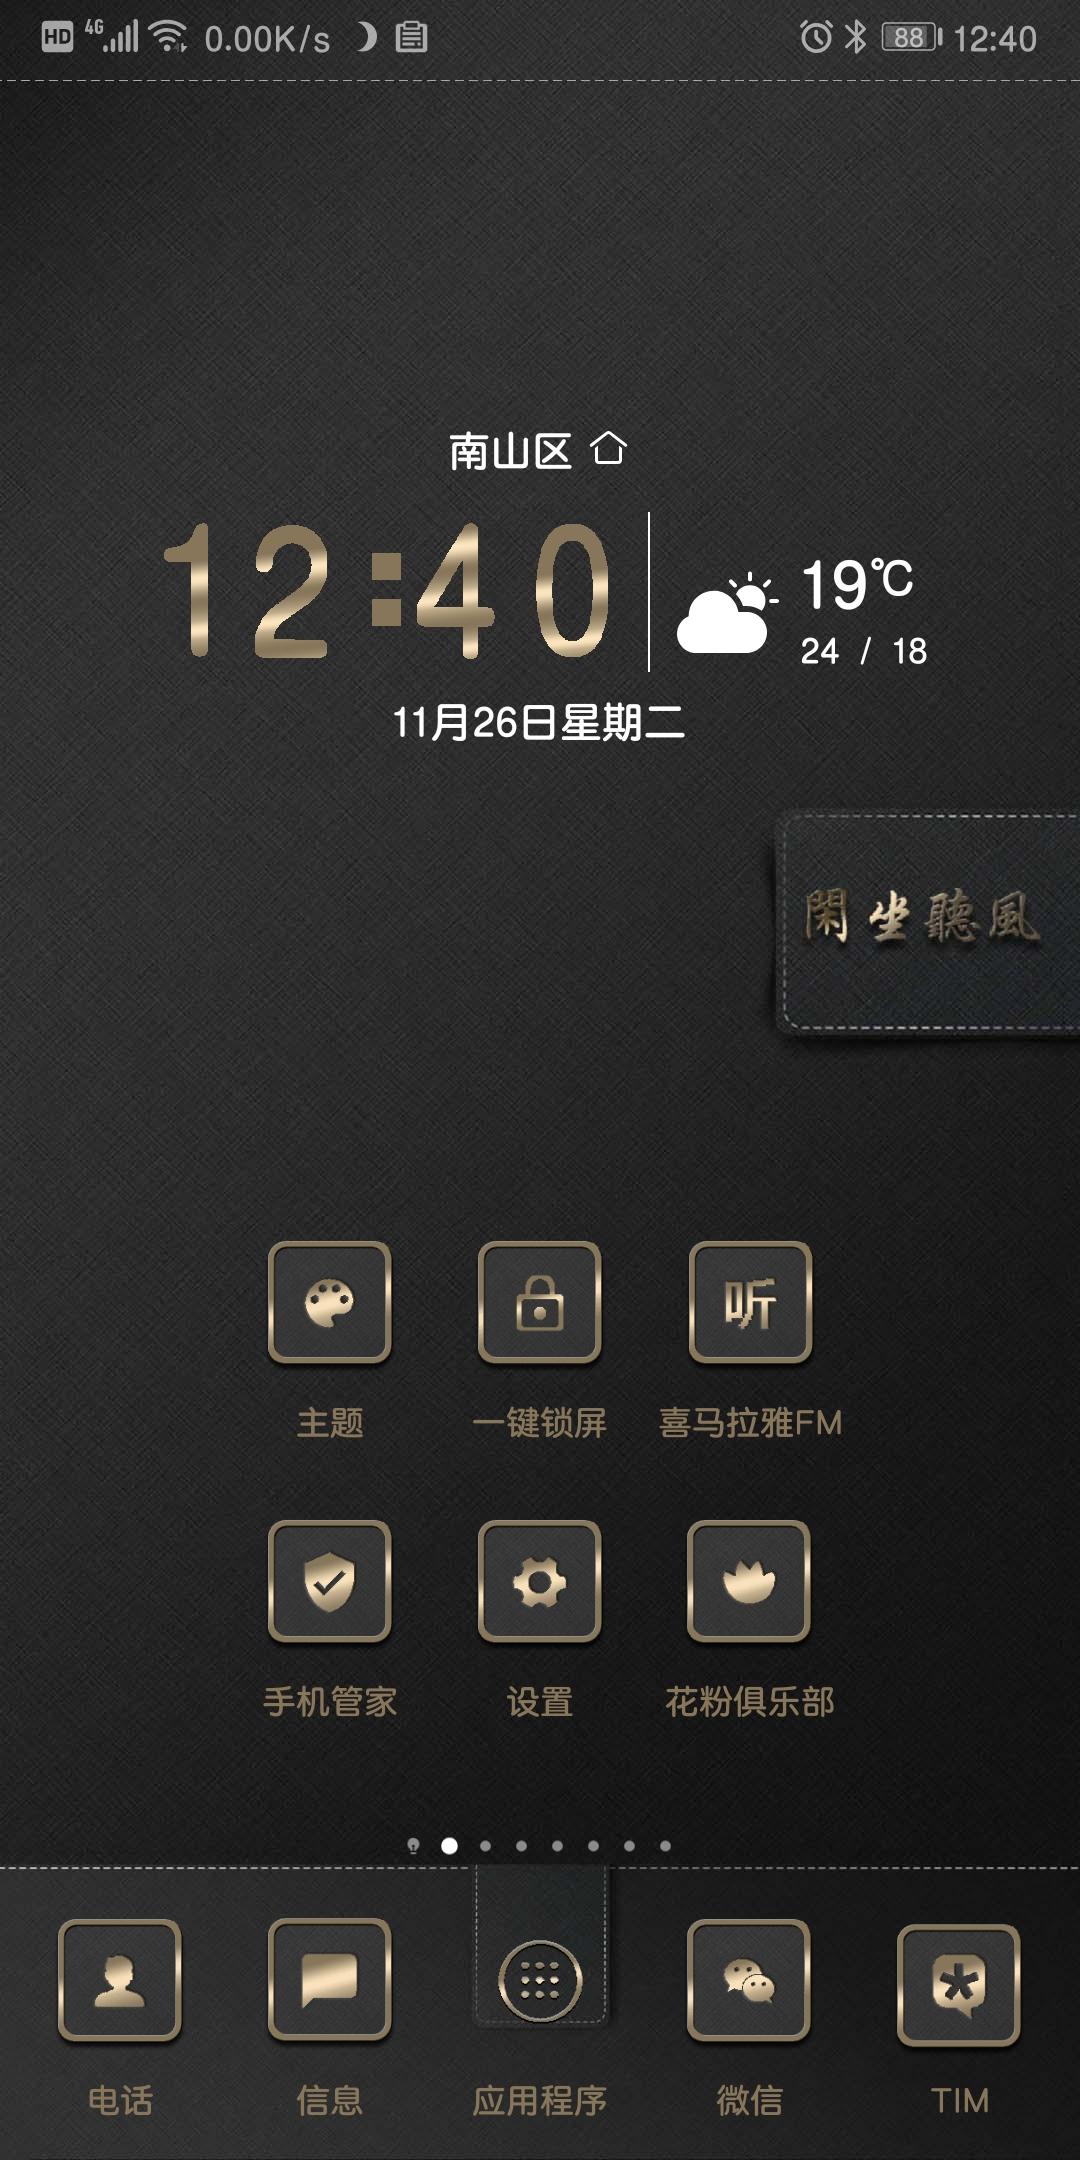 Screenshot_20191126_124041_com.huawei.android.launcher.jpg